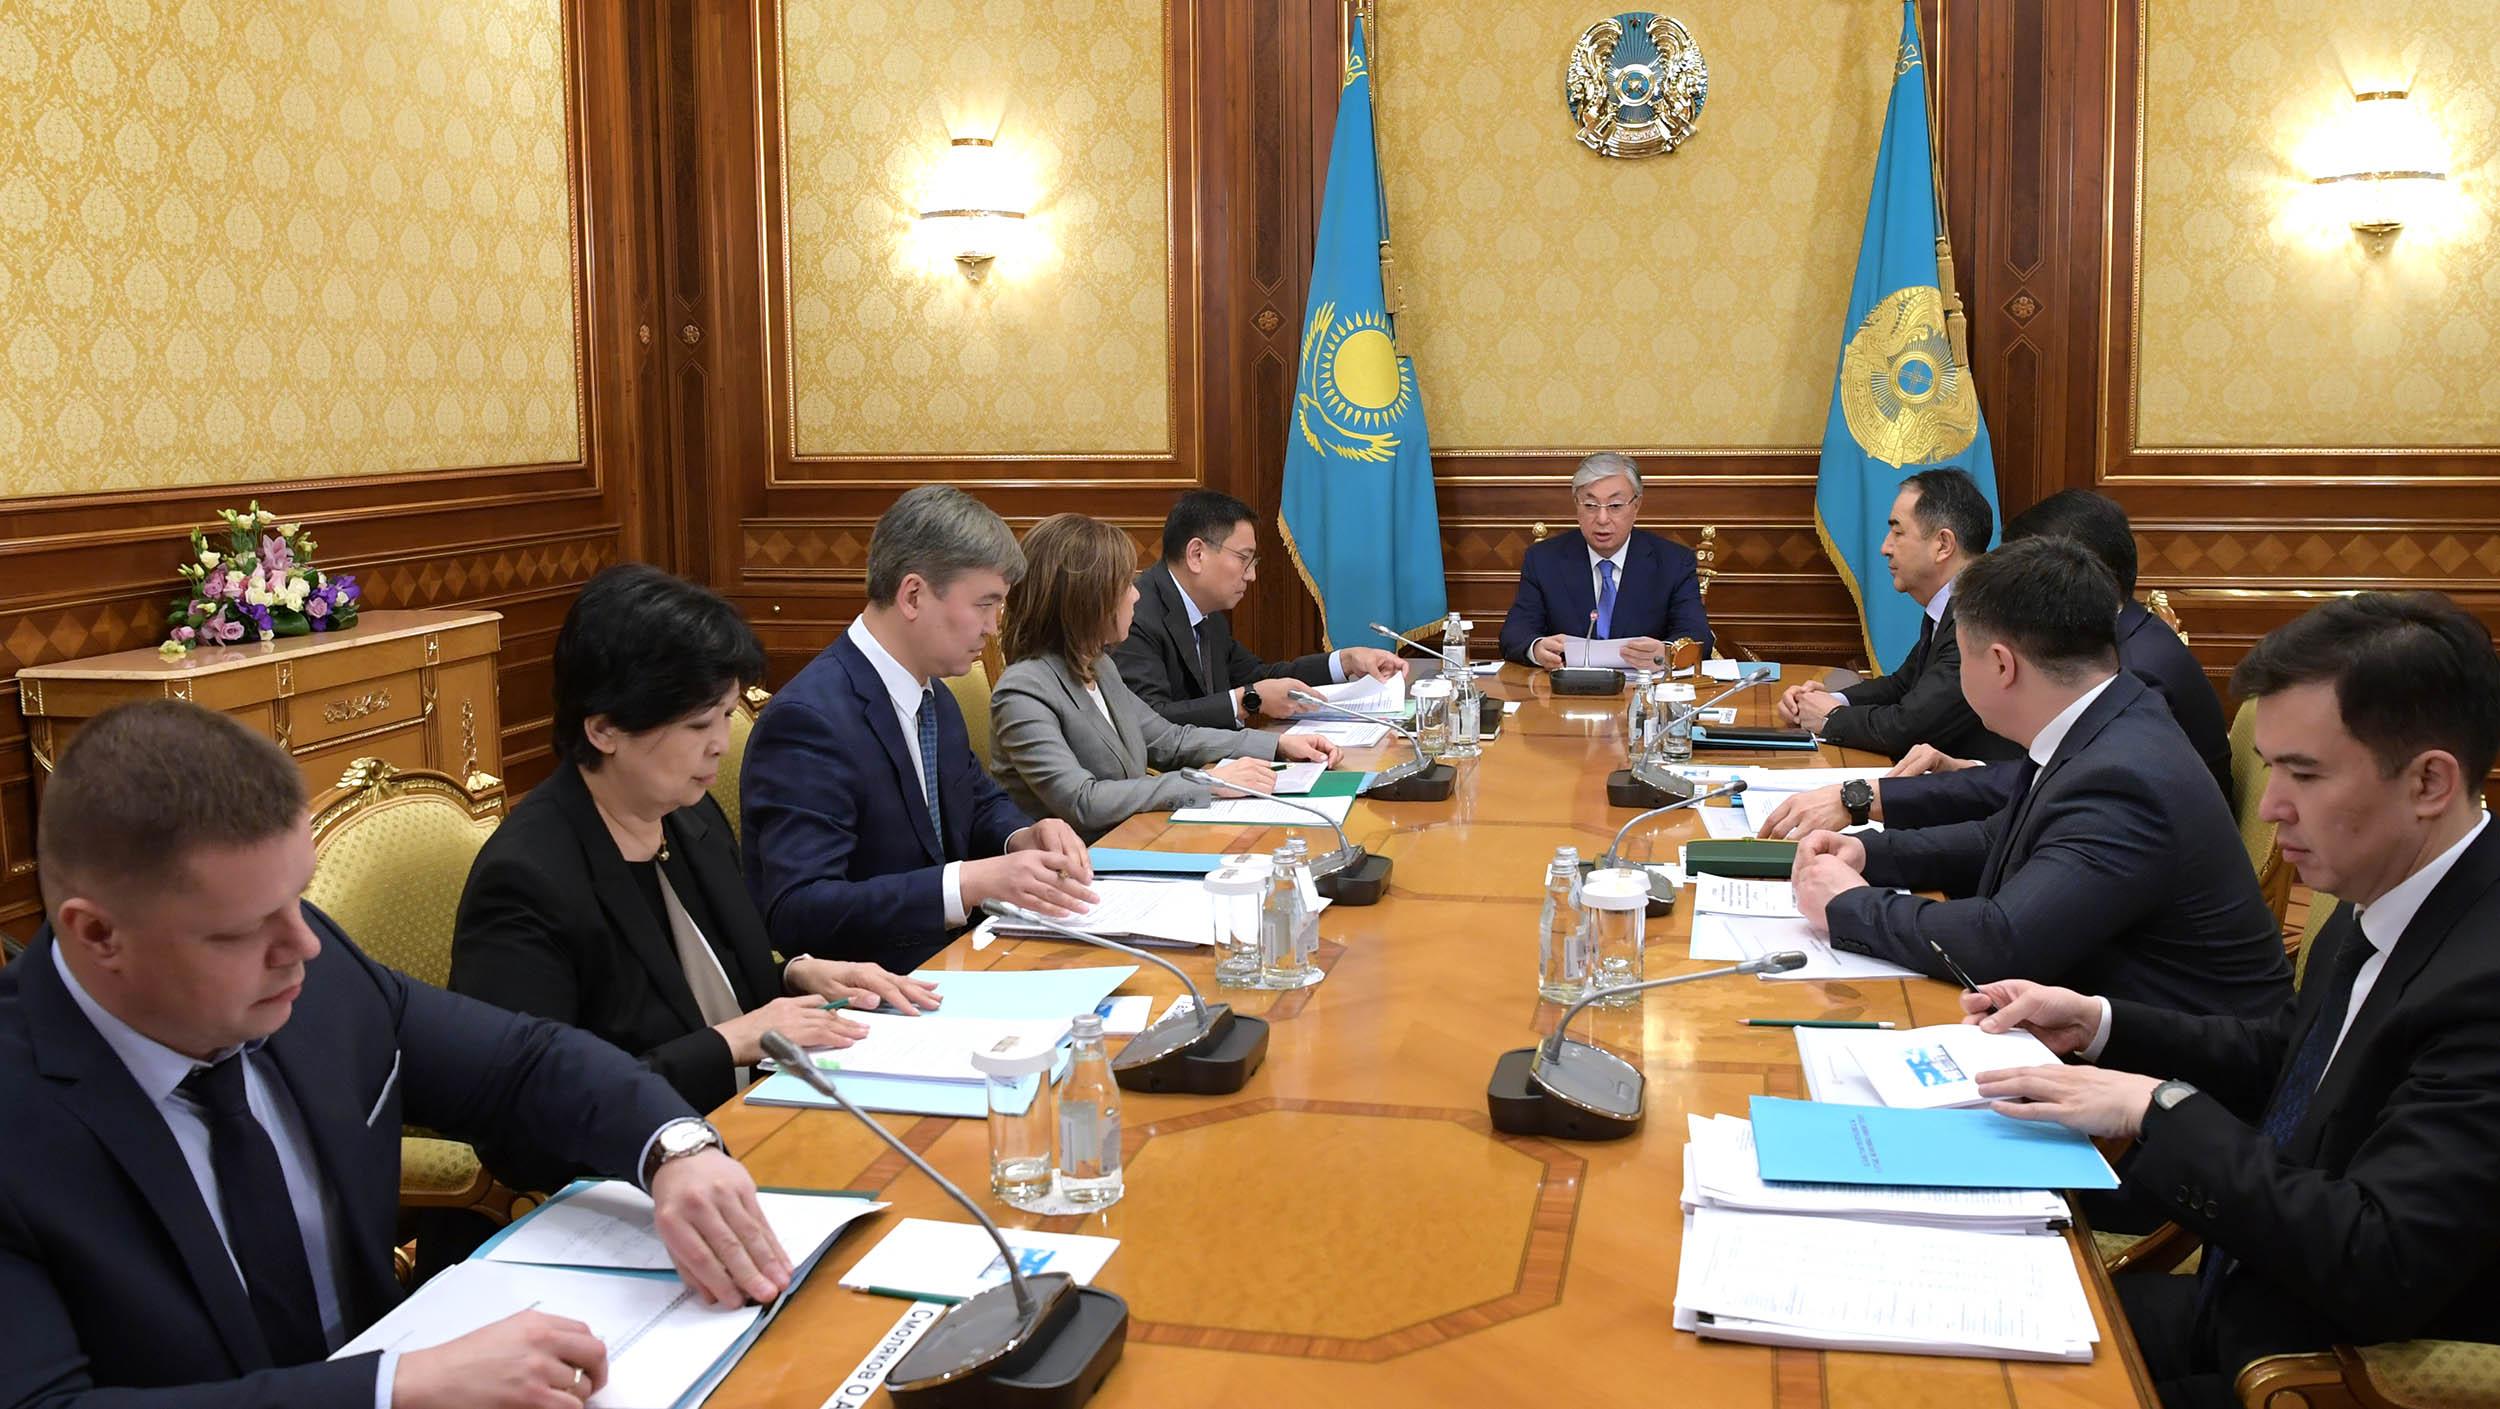 Макроэкономическая ситуация в стране достаточно стабильная – Касым-Жомарт Токаев